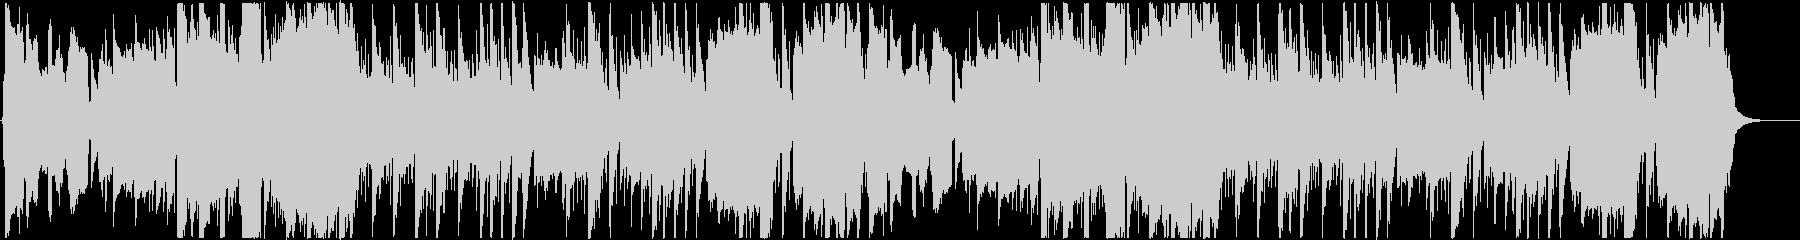 バグパイプ・田舎っぽいBGMの未再生の波形